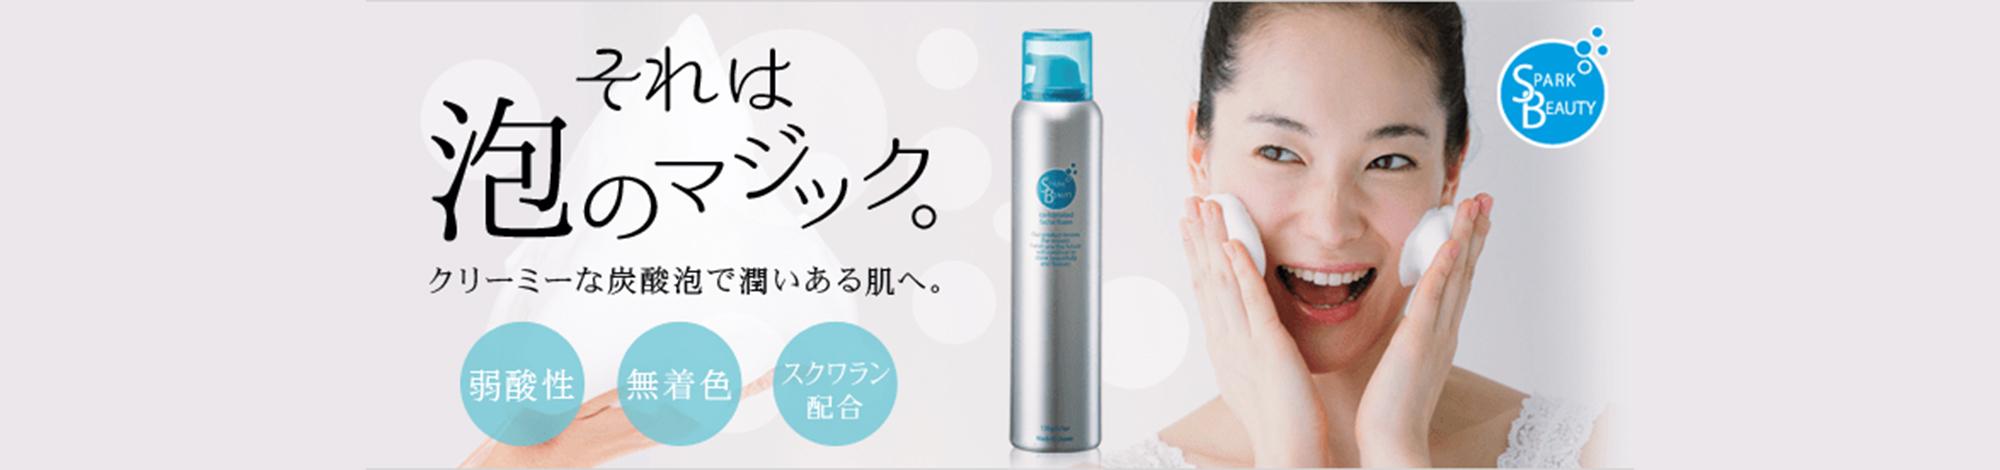 炭酸洗顔フォーム